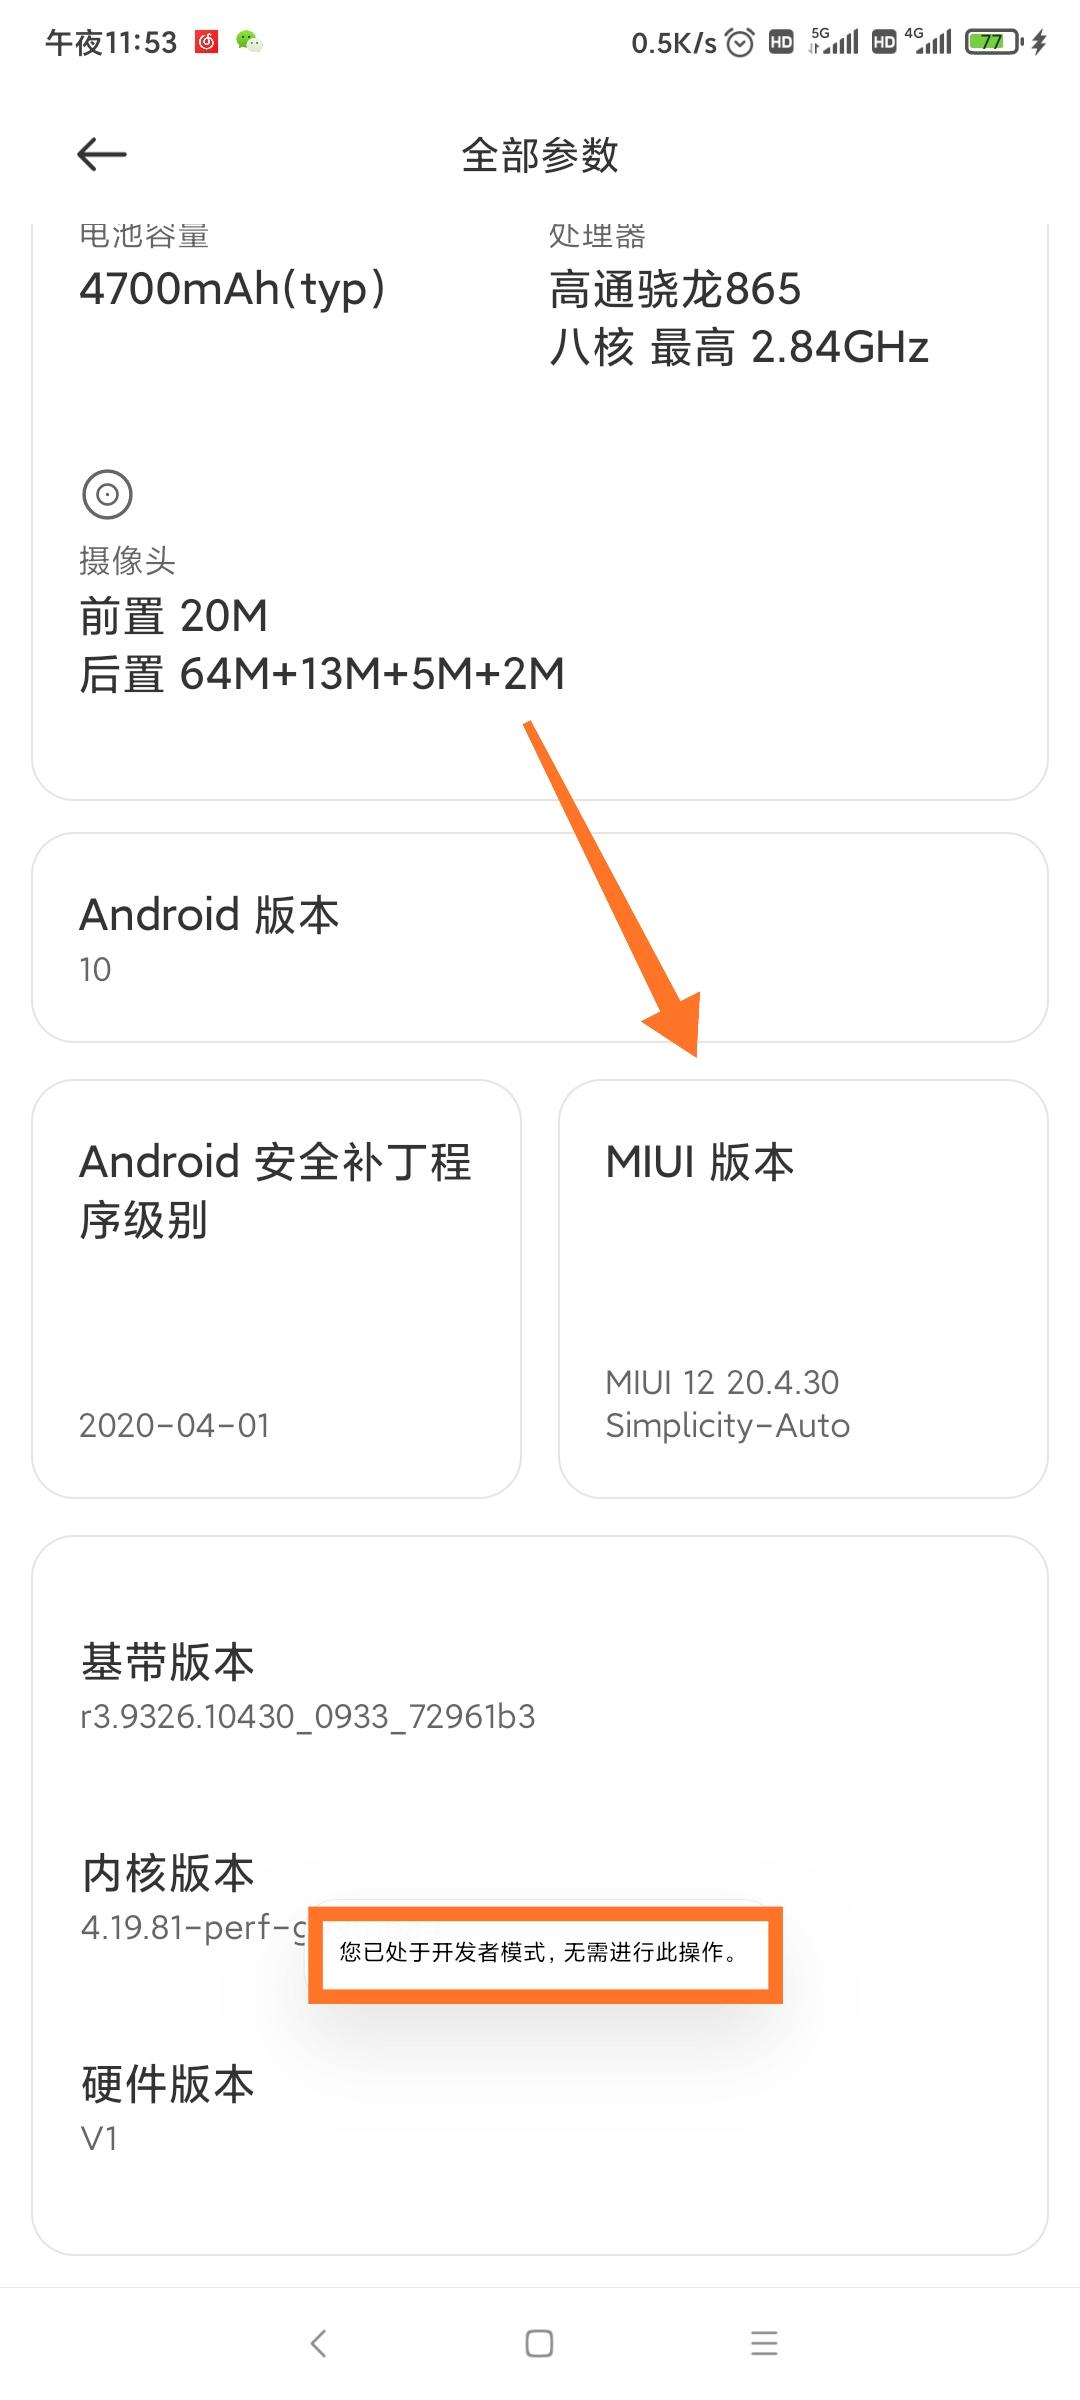 【原创教程】修改手机字体大小以及页面布局大小